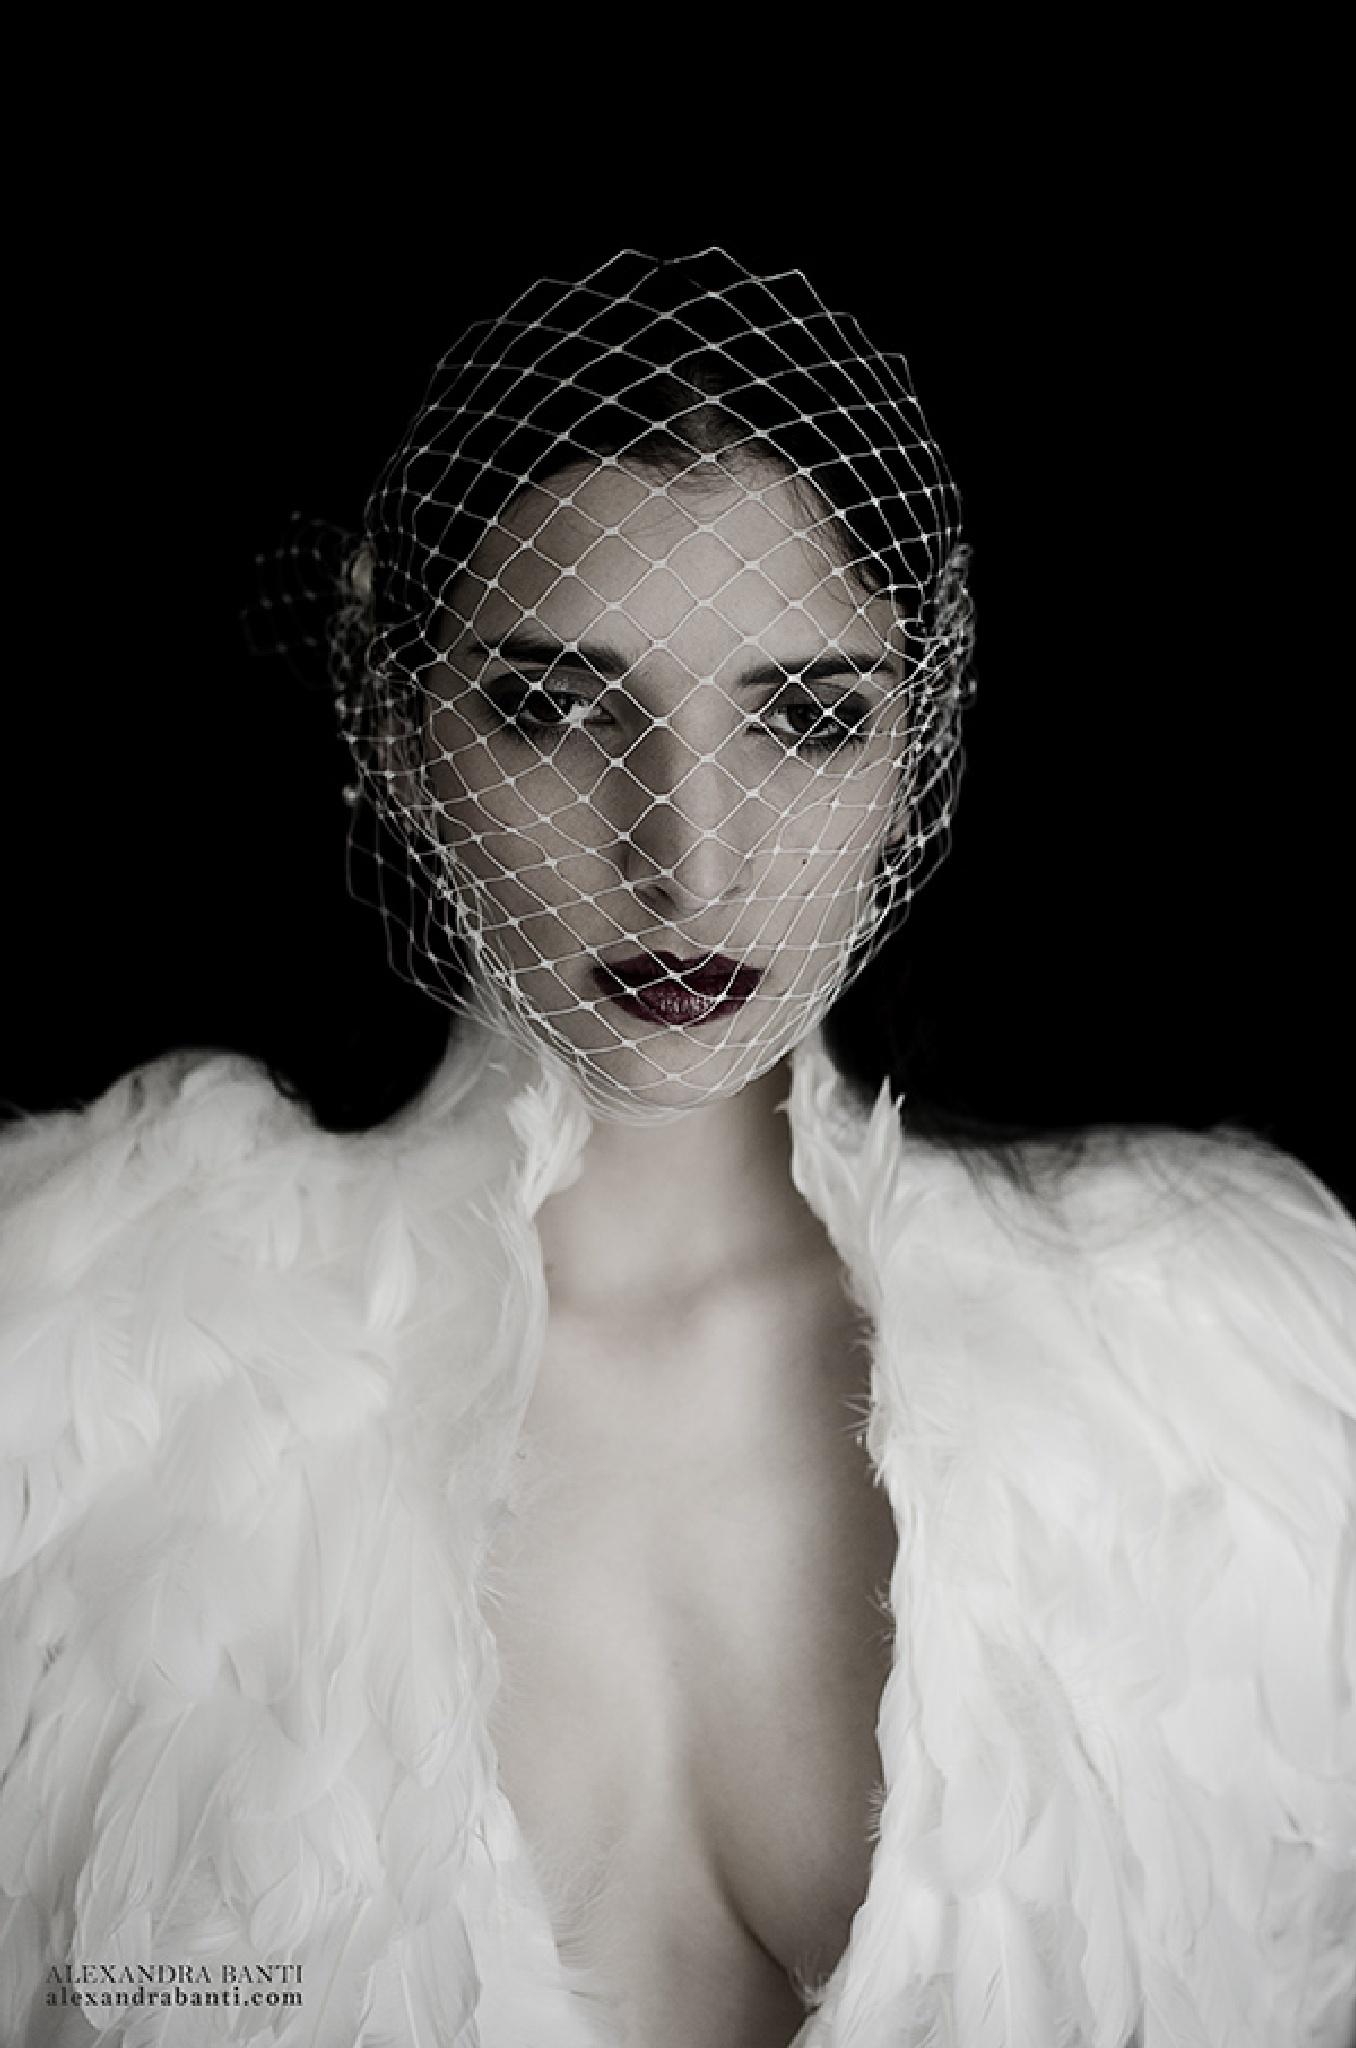 Birdcage by Alexandra Banti